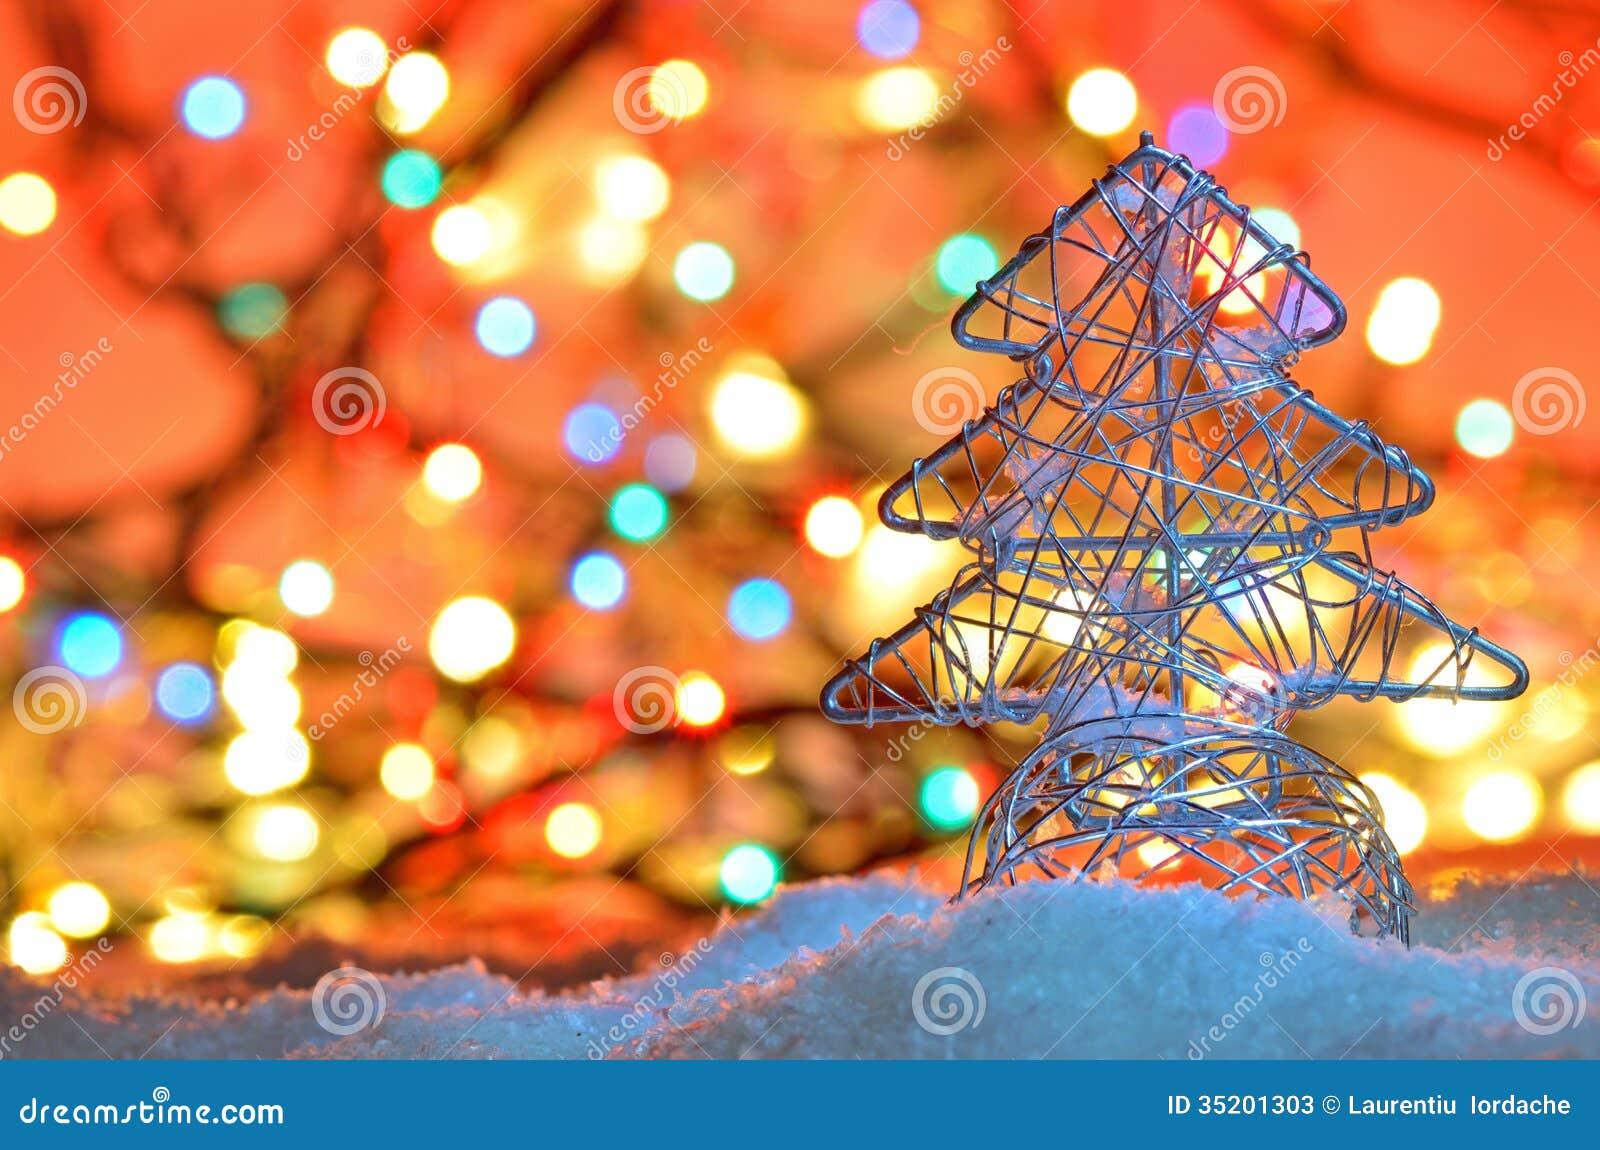 Rbol de navidad atado con alambre plata fotos de archivo - Arbol de navidad de alambre ...